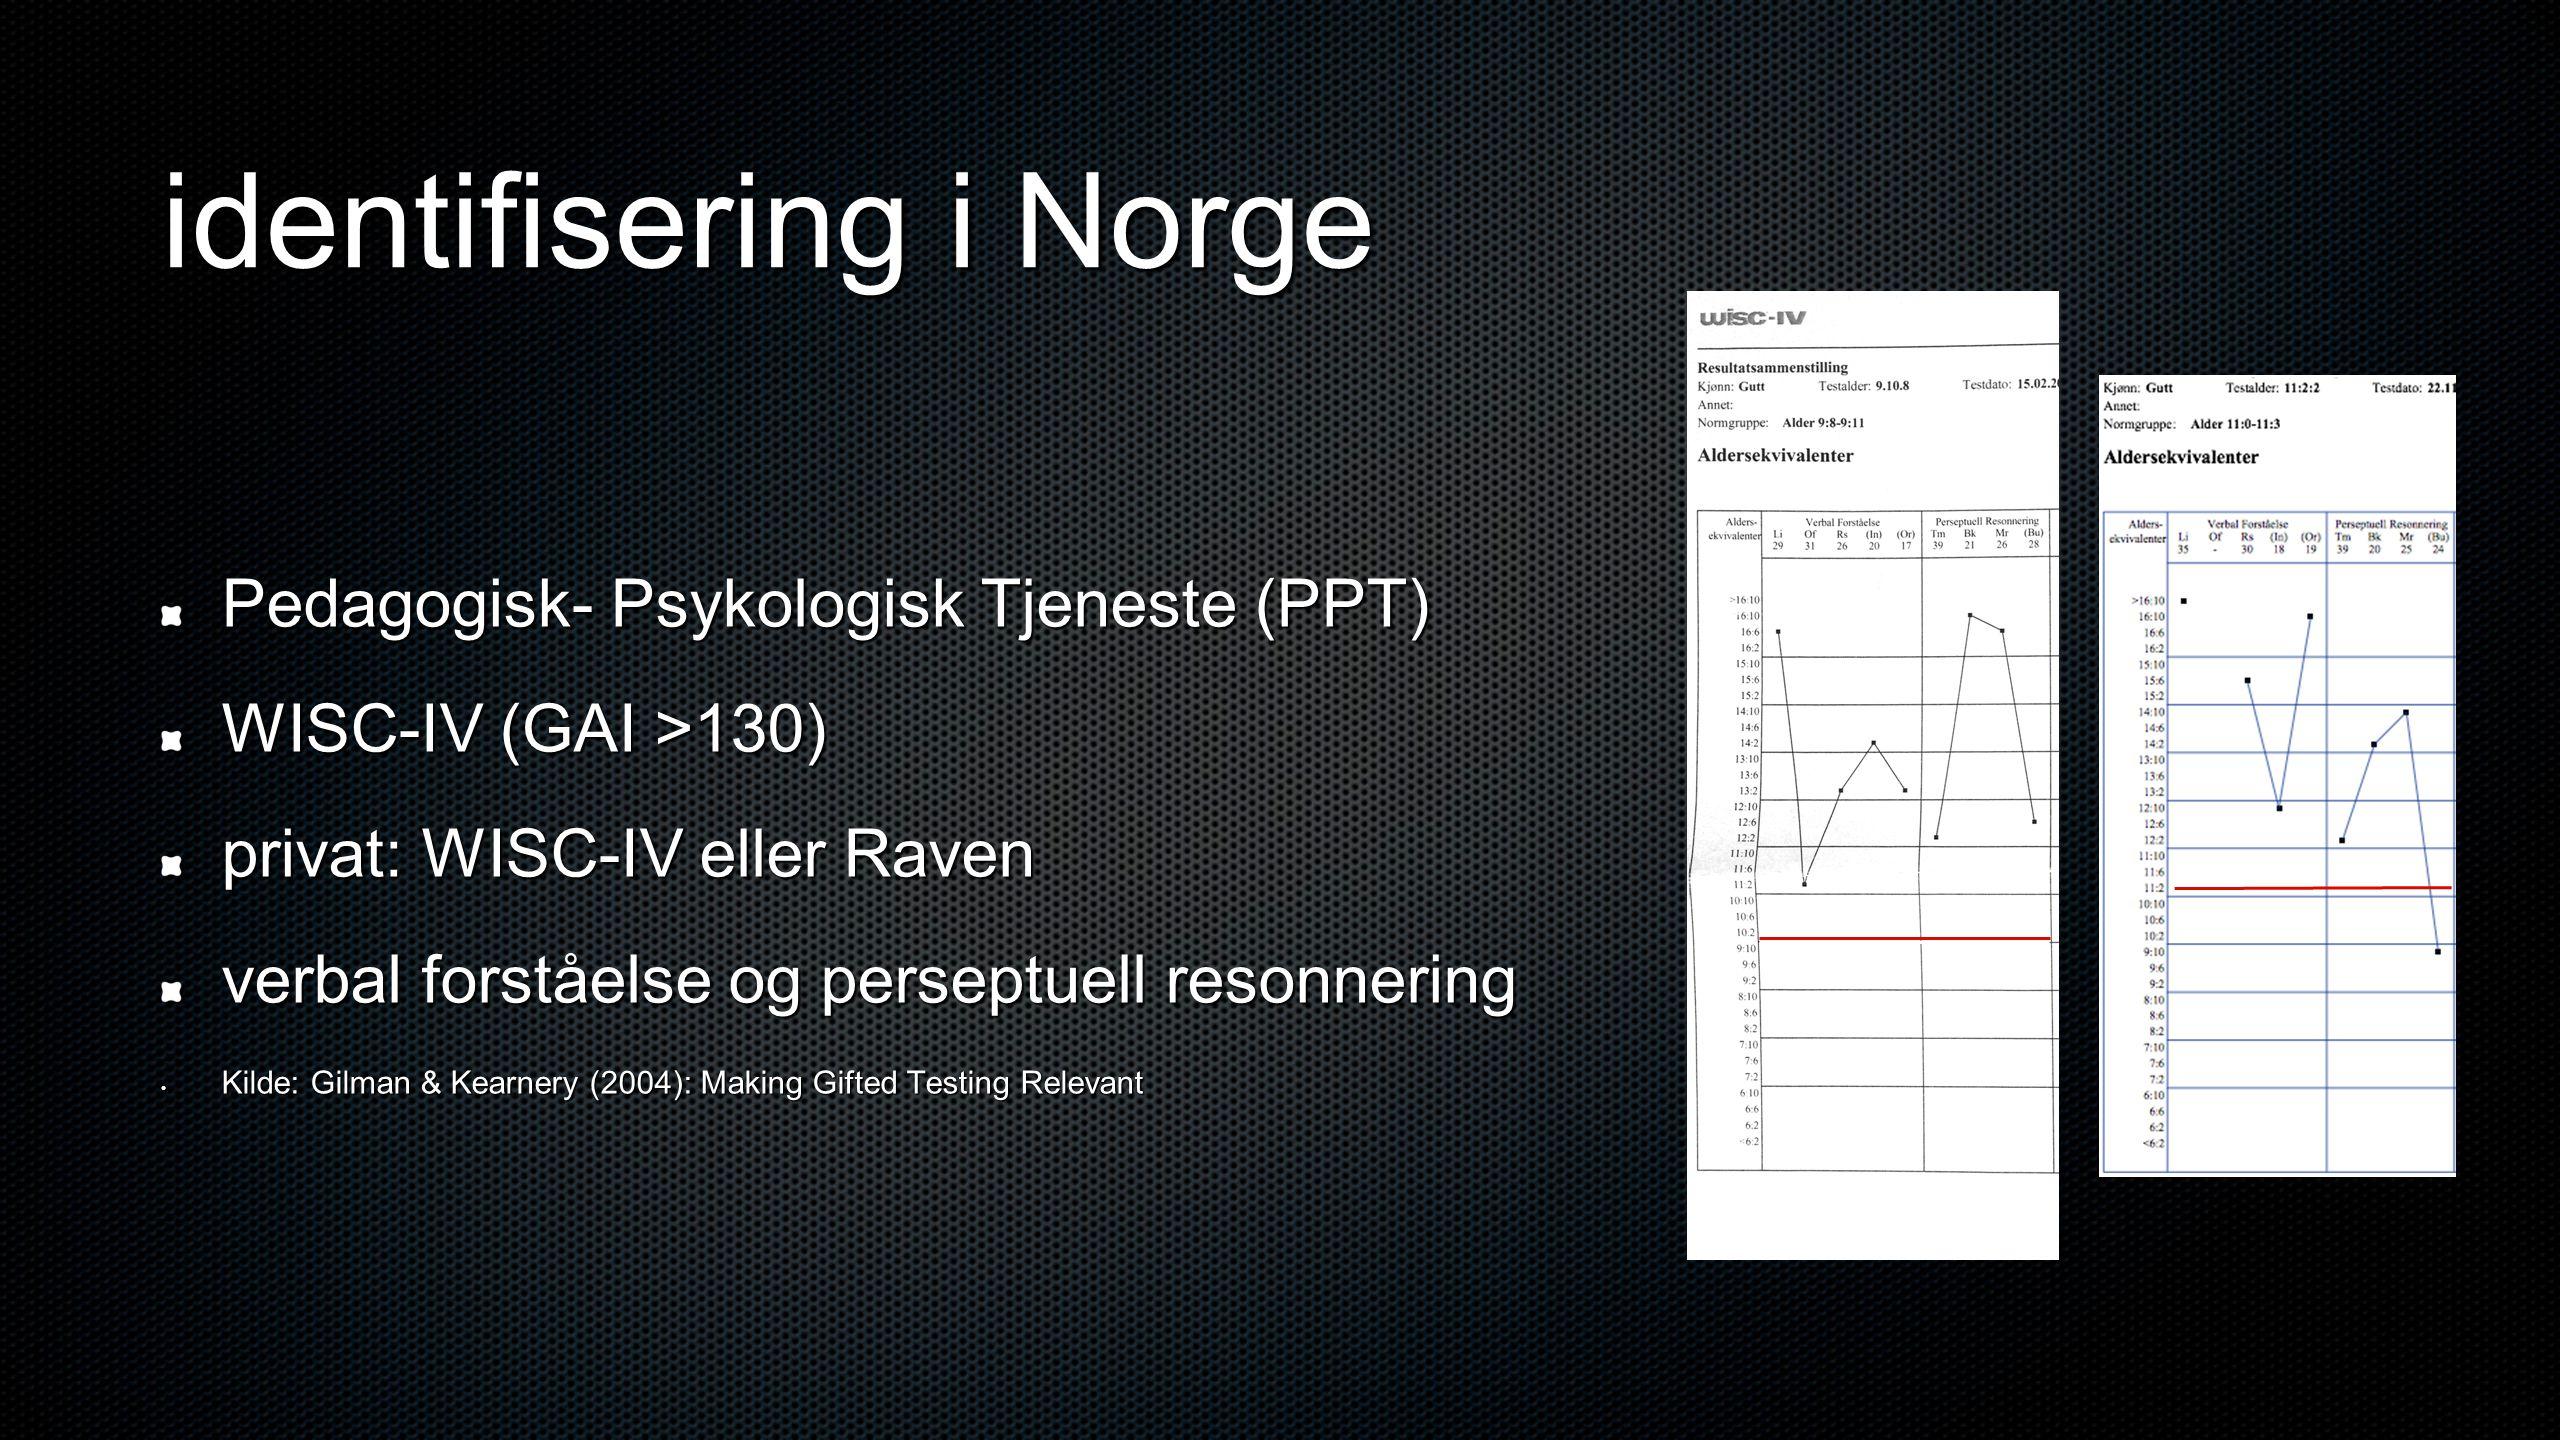 identifisering i Norge